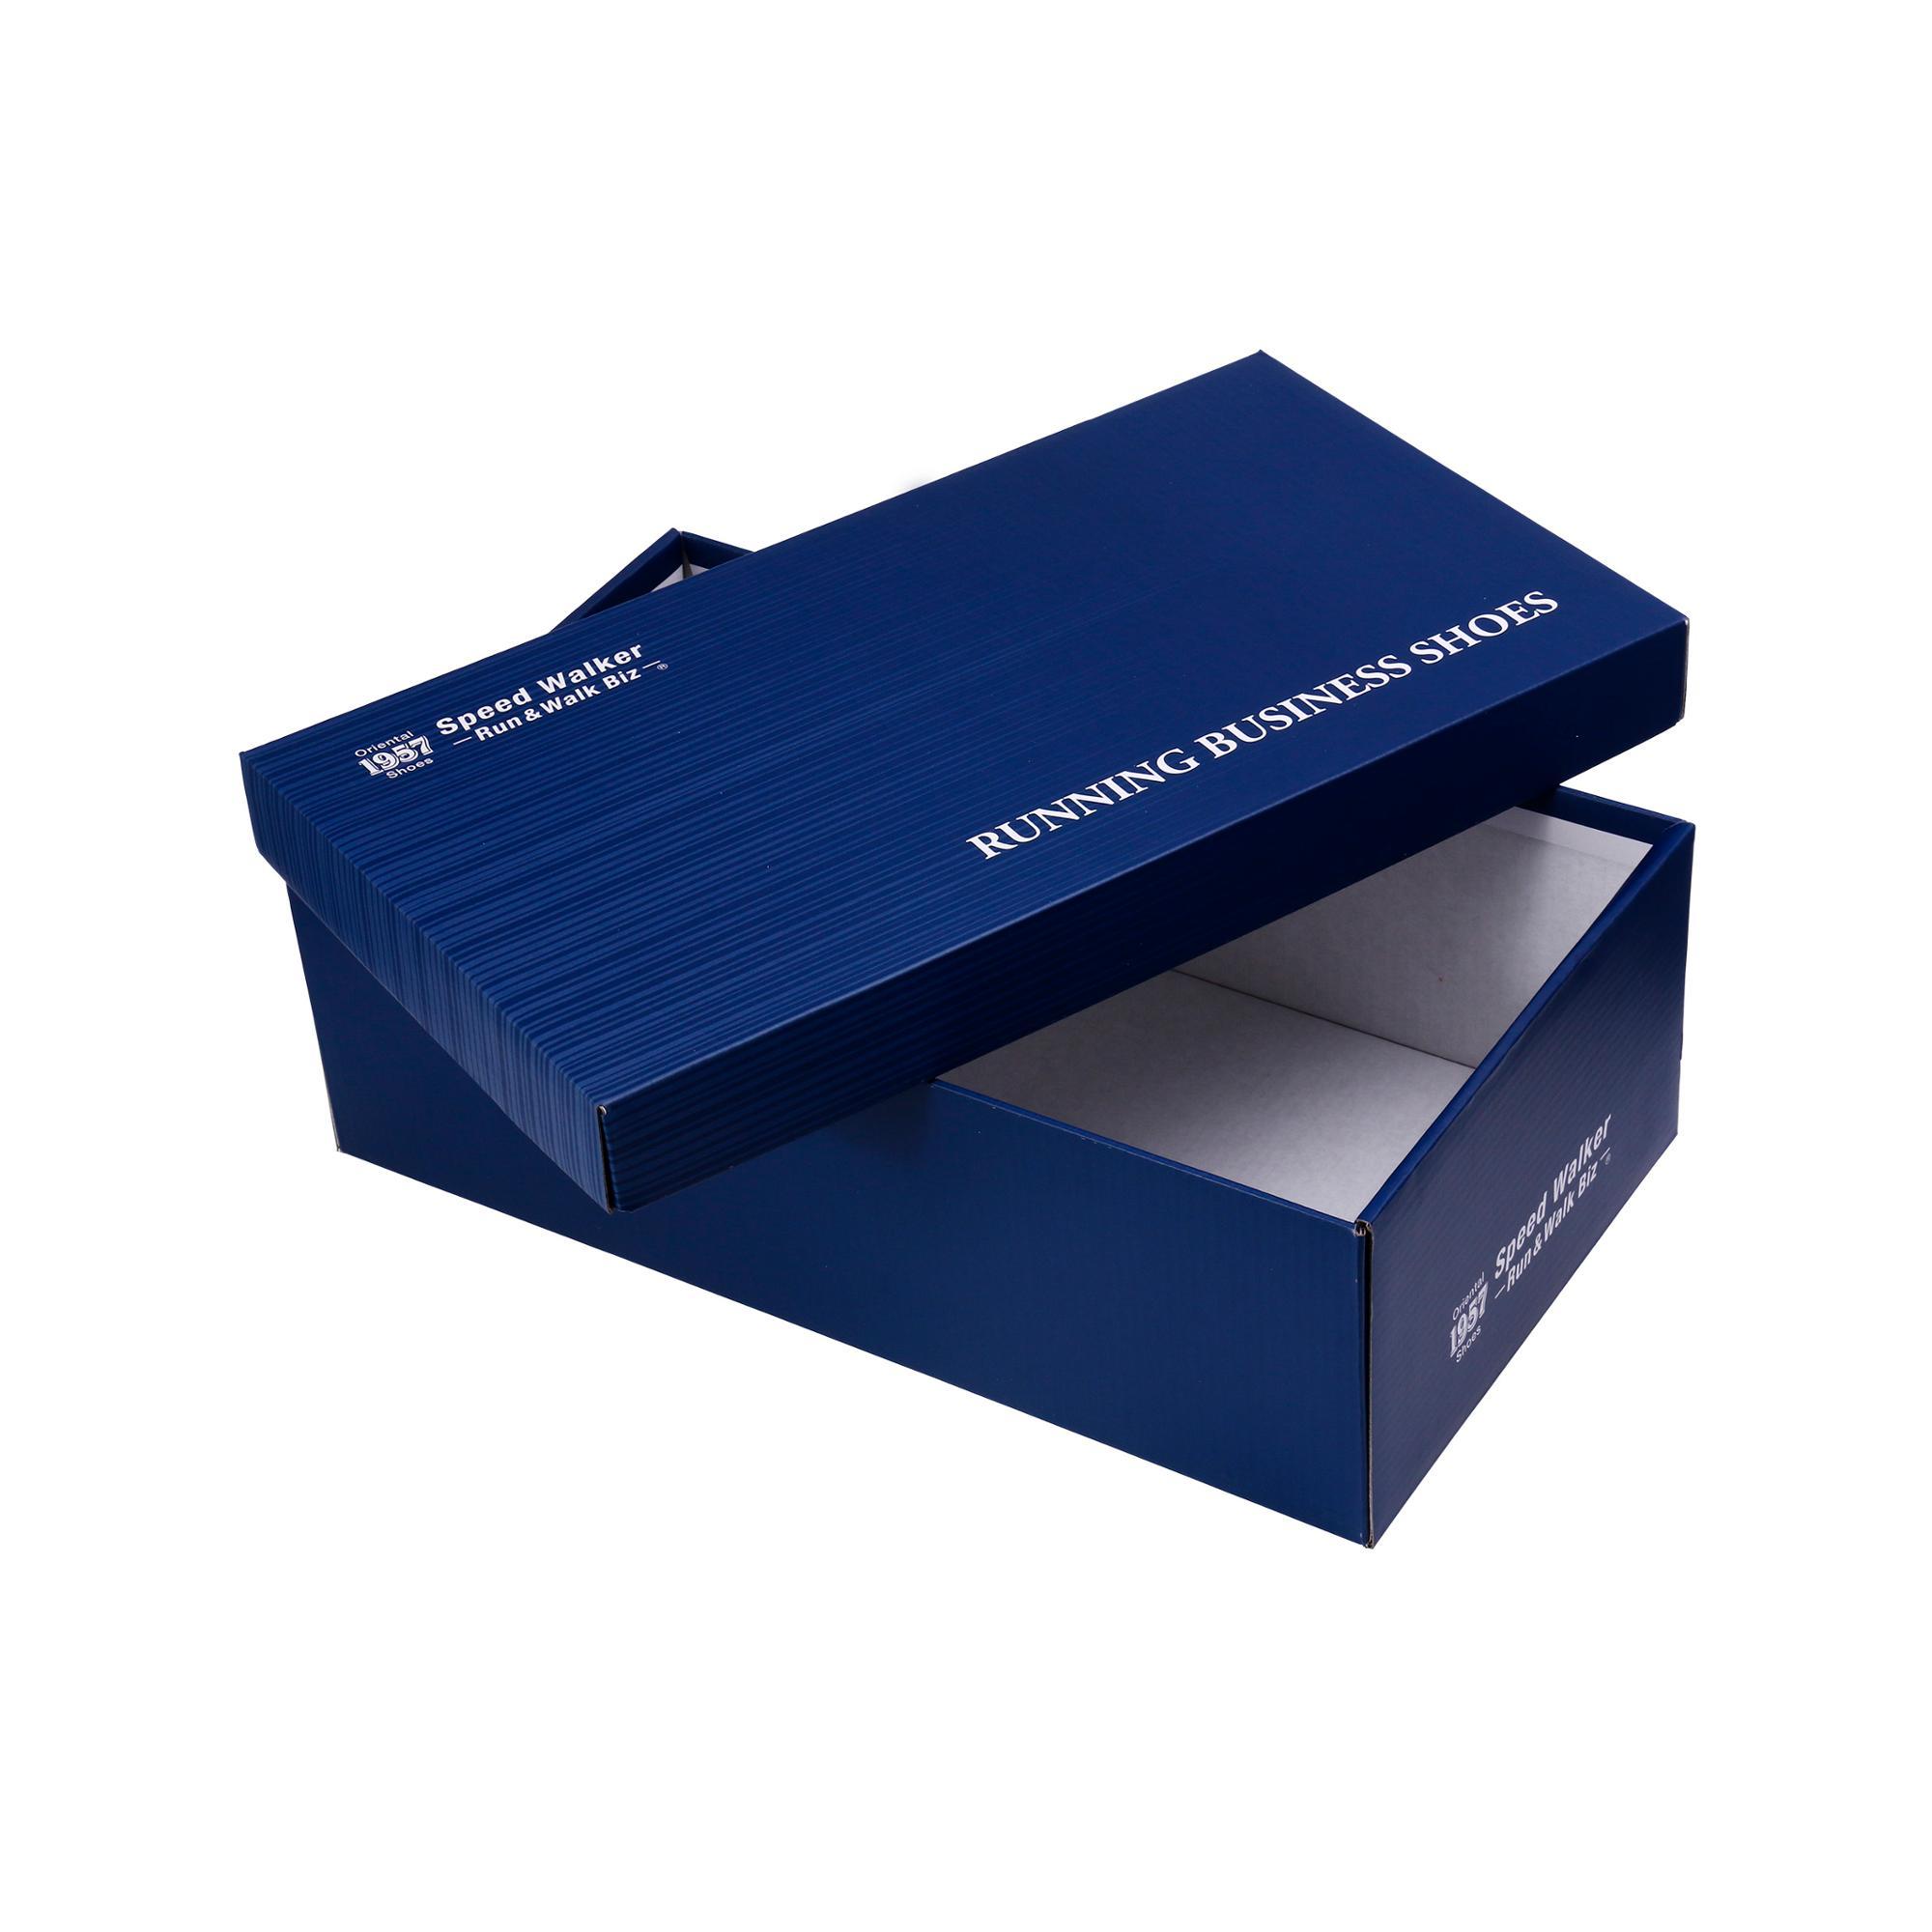 Des Nike Boîte De Papier Fabricants Les Chaussures Rechercher z1qwTCHH